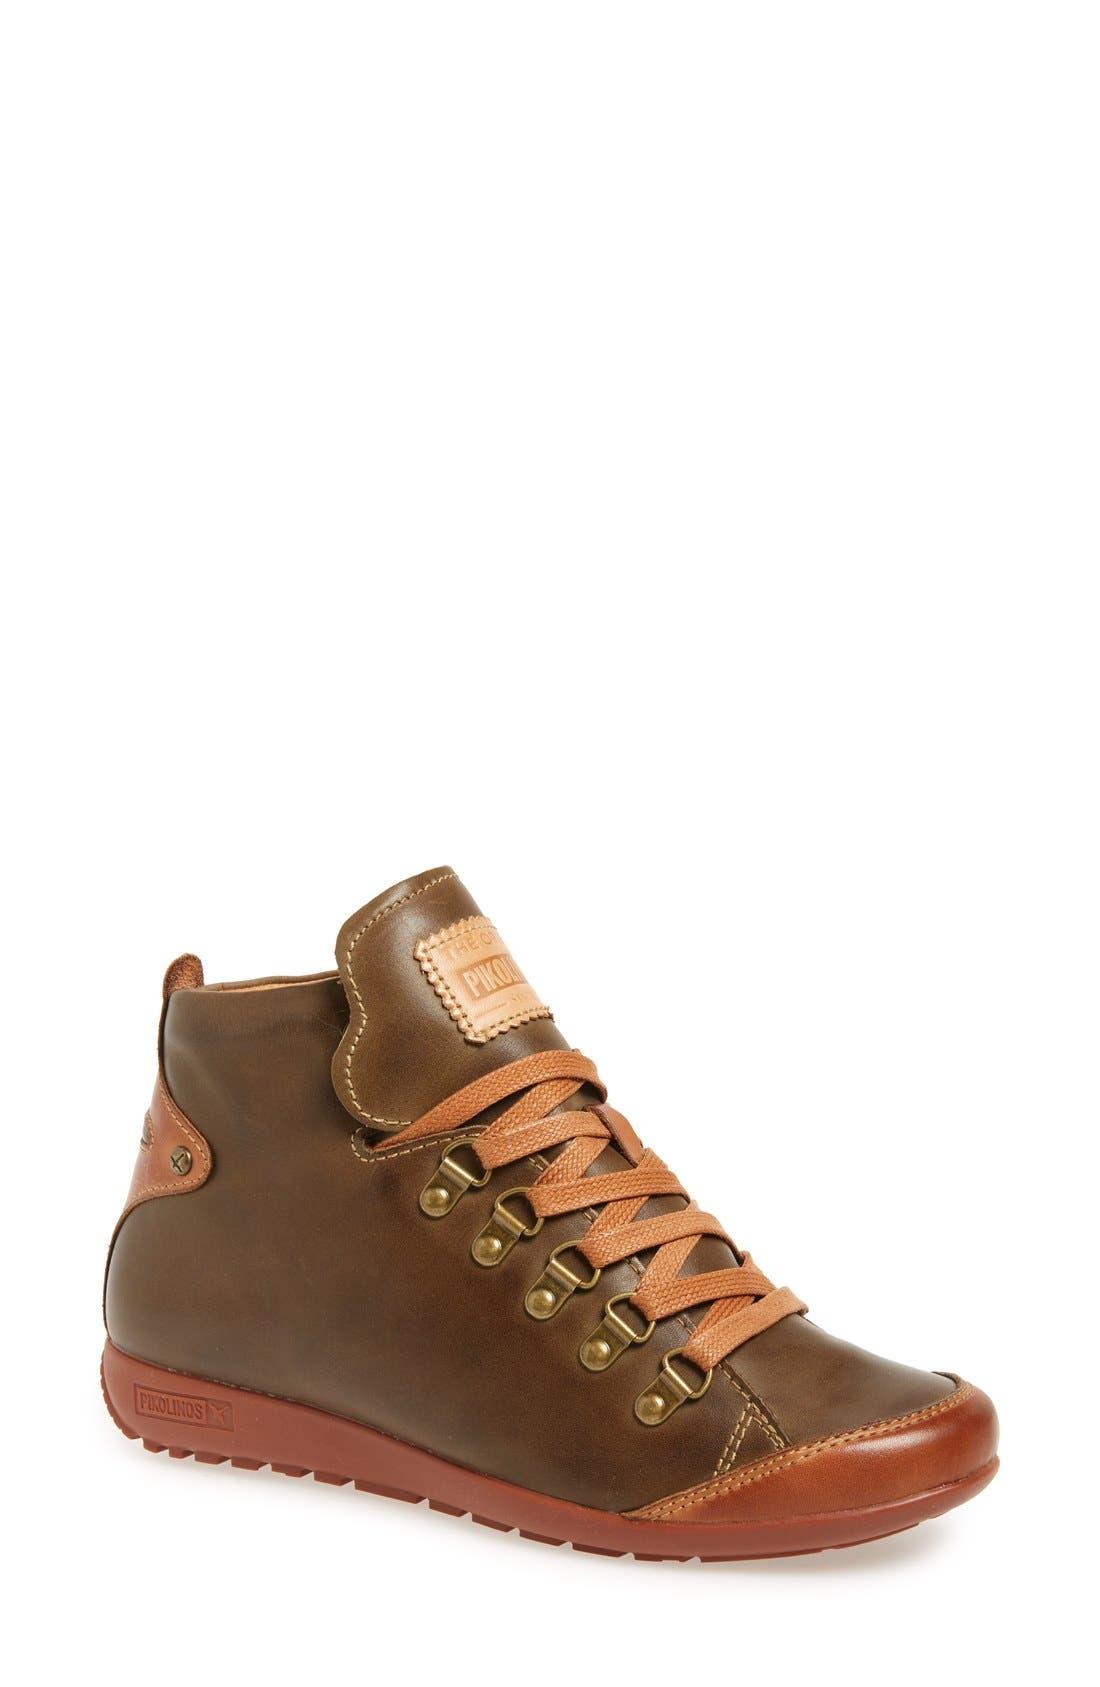 Lisboa High Top Sneaker,                             Main thumbnail 1, color,                             Moss Leather